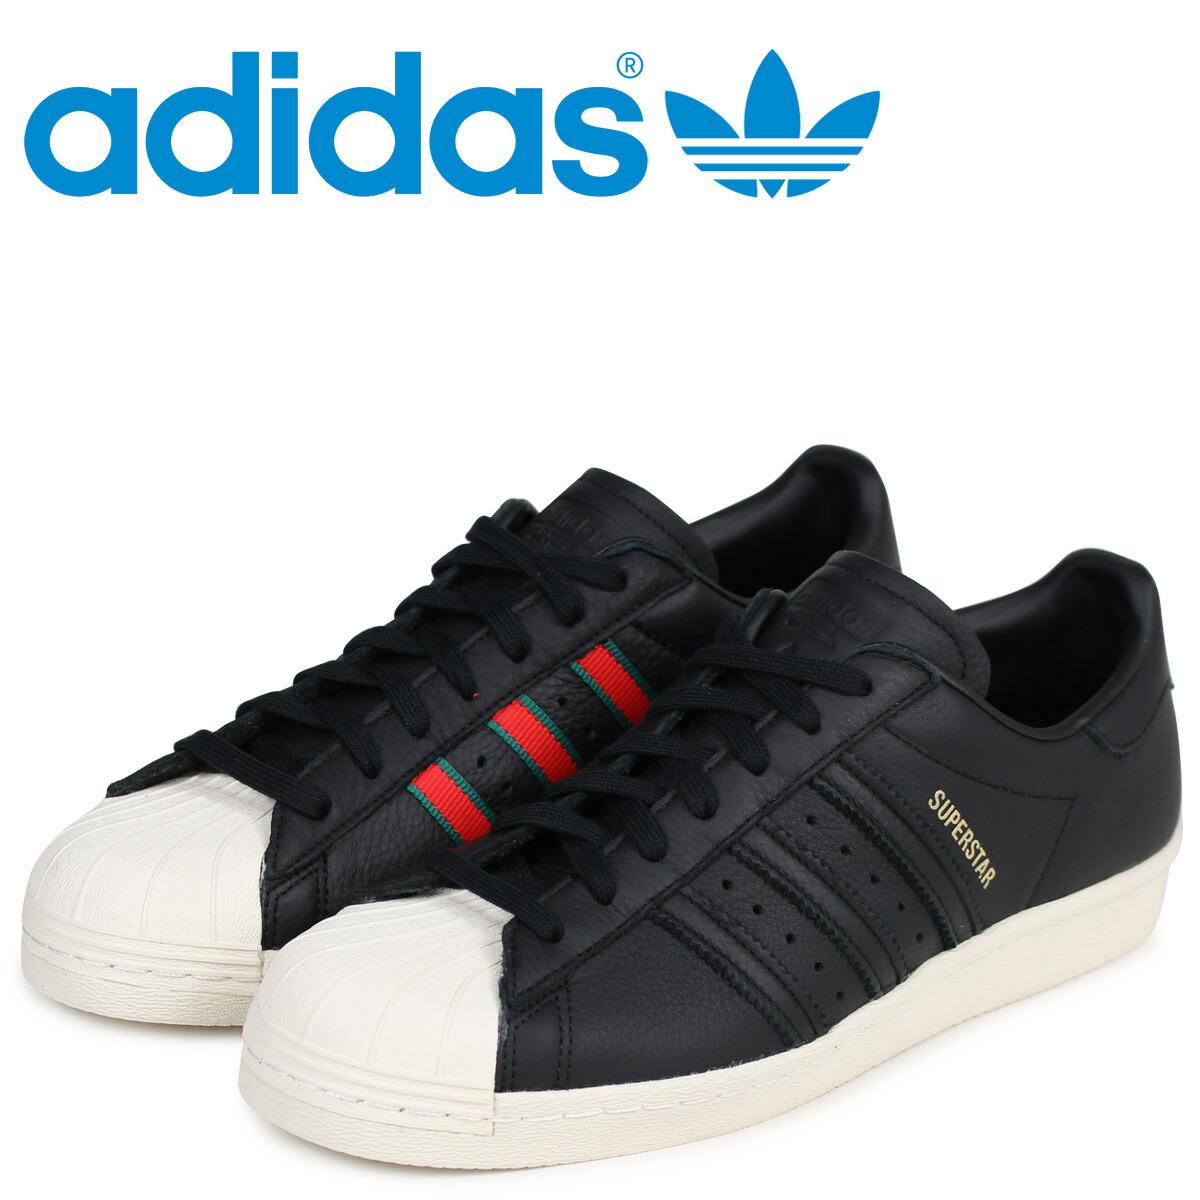 アディダス スーパースター 80s adidas Originals スニーカー SUPERSTAR メンズ CQ2656 ブラック オリジナルス [2/13 新入荷]